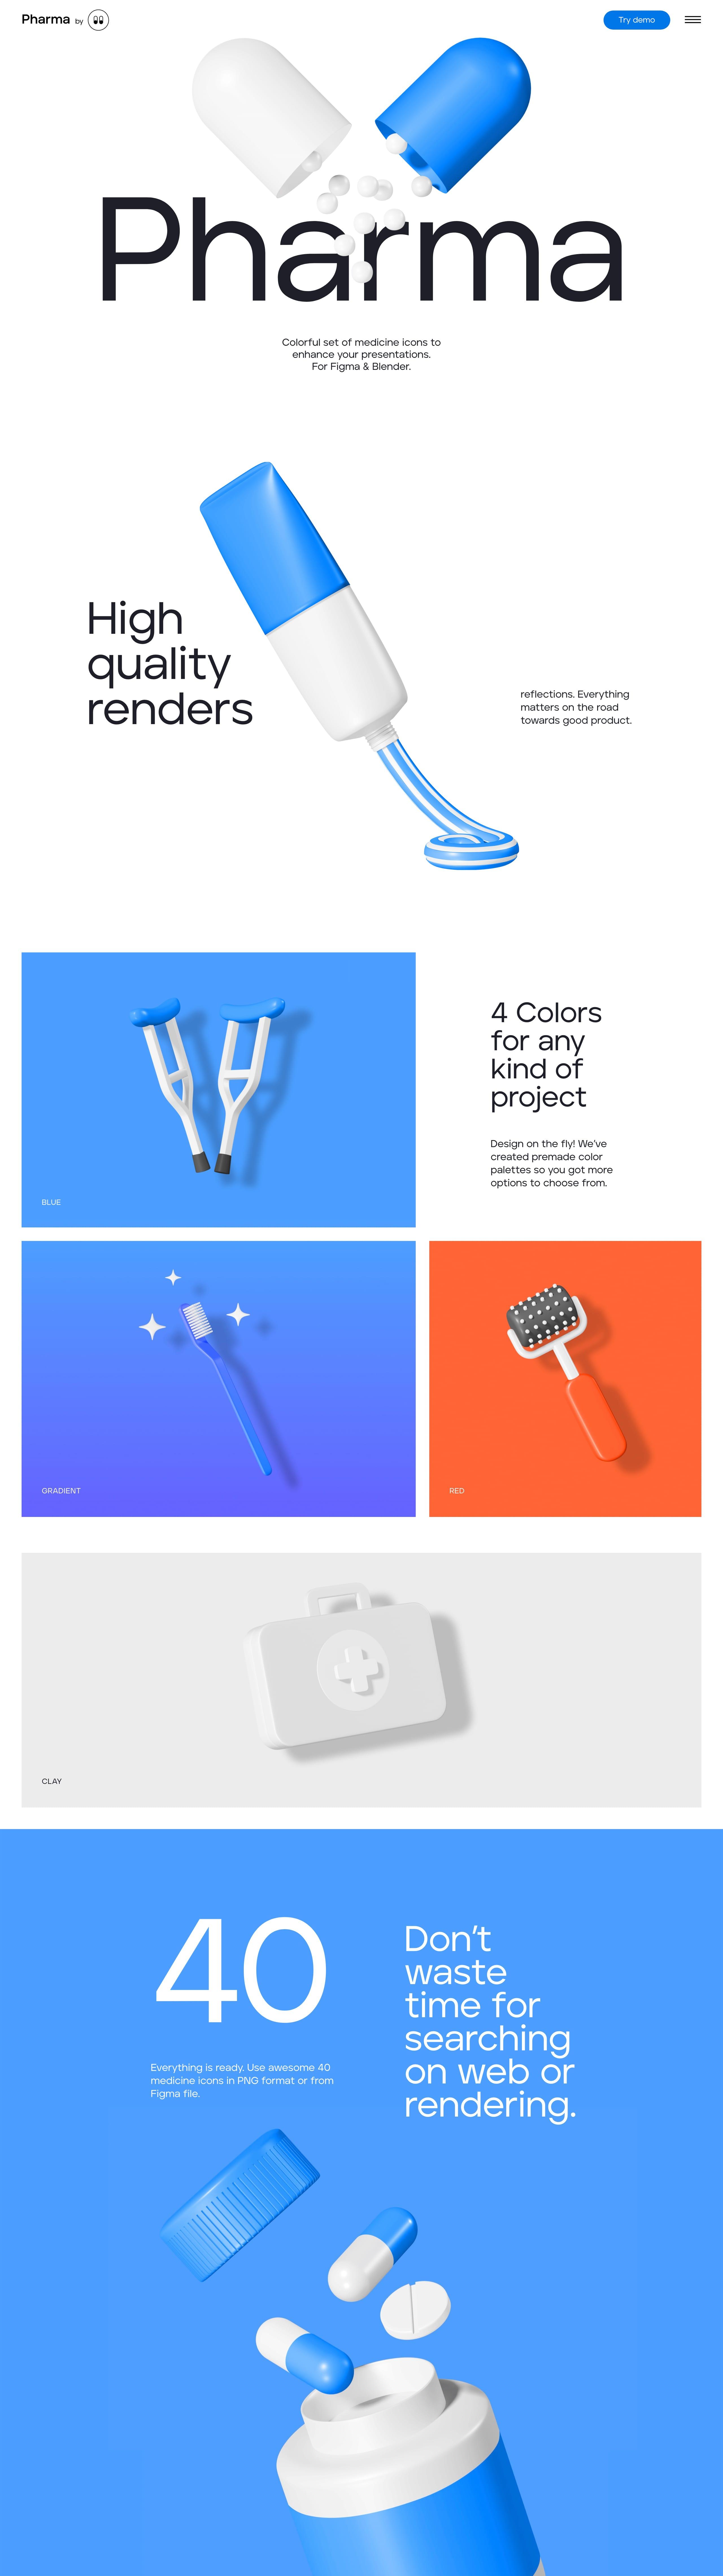 Pharma 3D Icons Website Screenshot